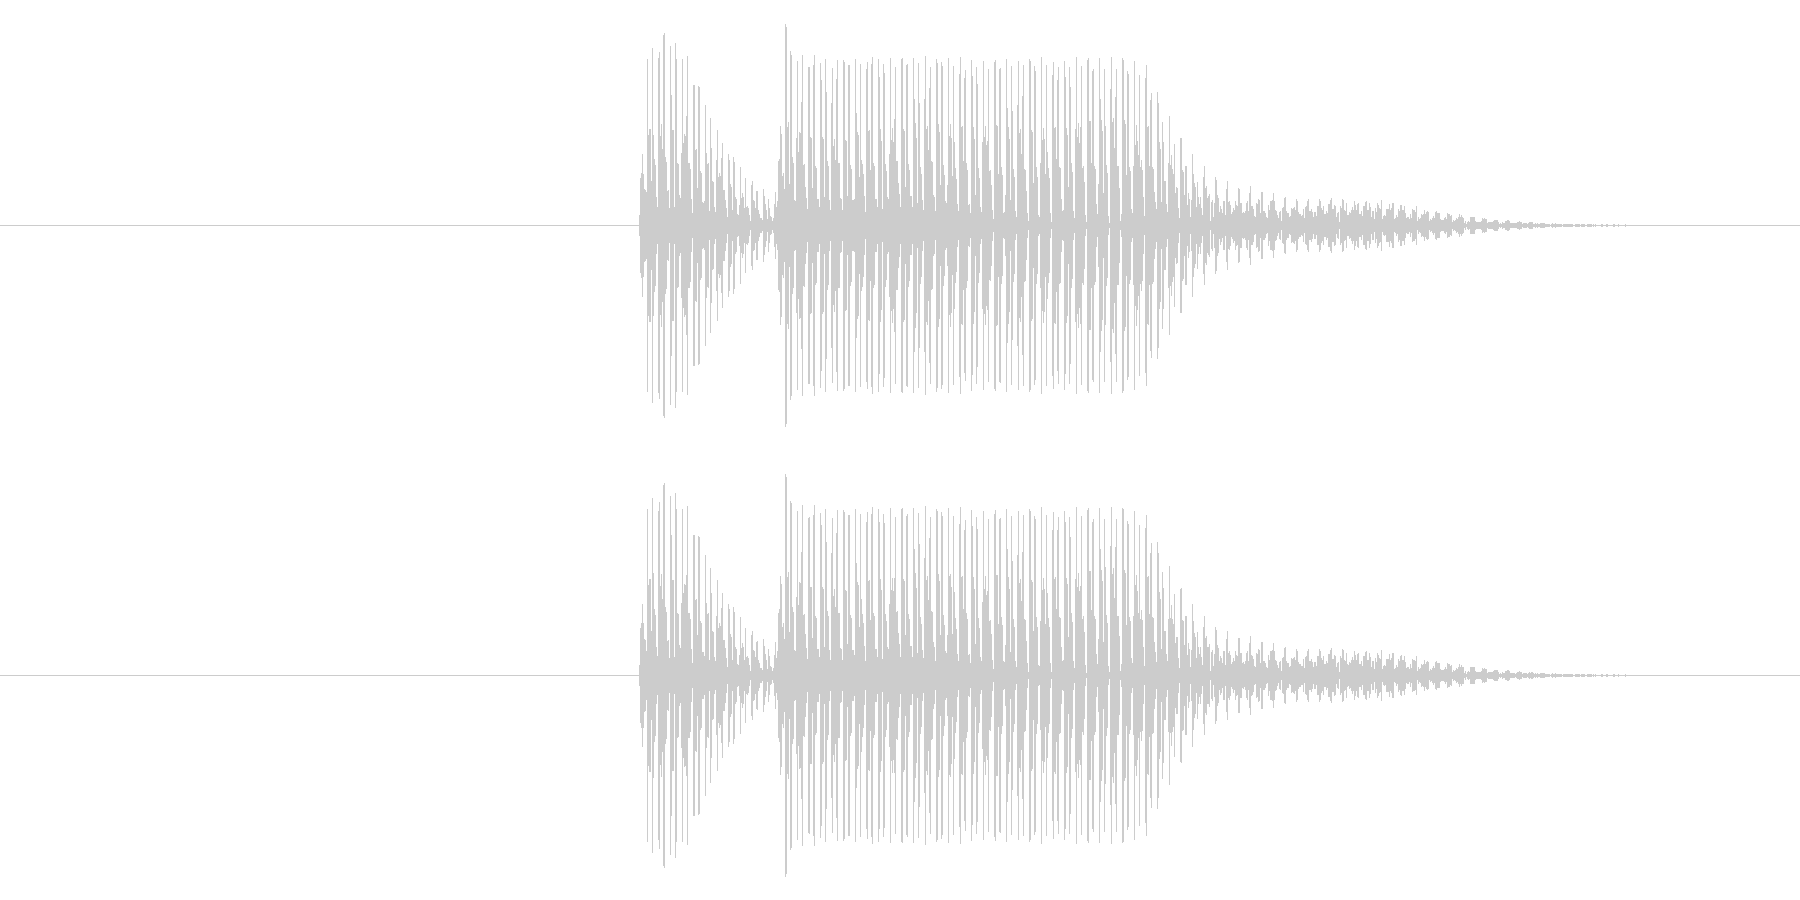 クイズの不正解やシステム効果音のキャン…の未再生の波形